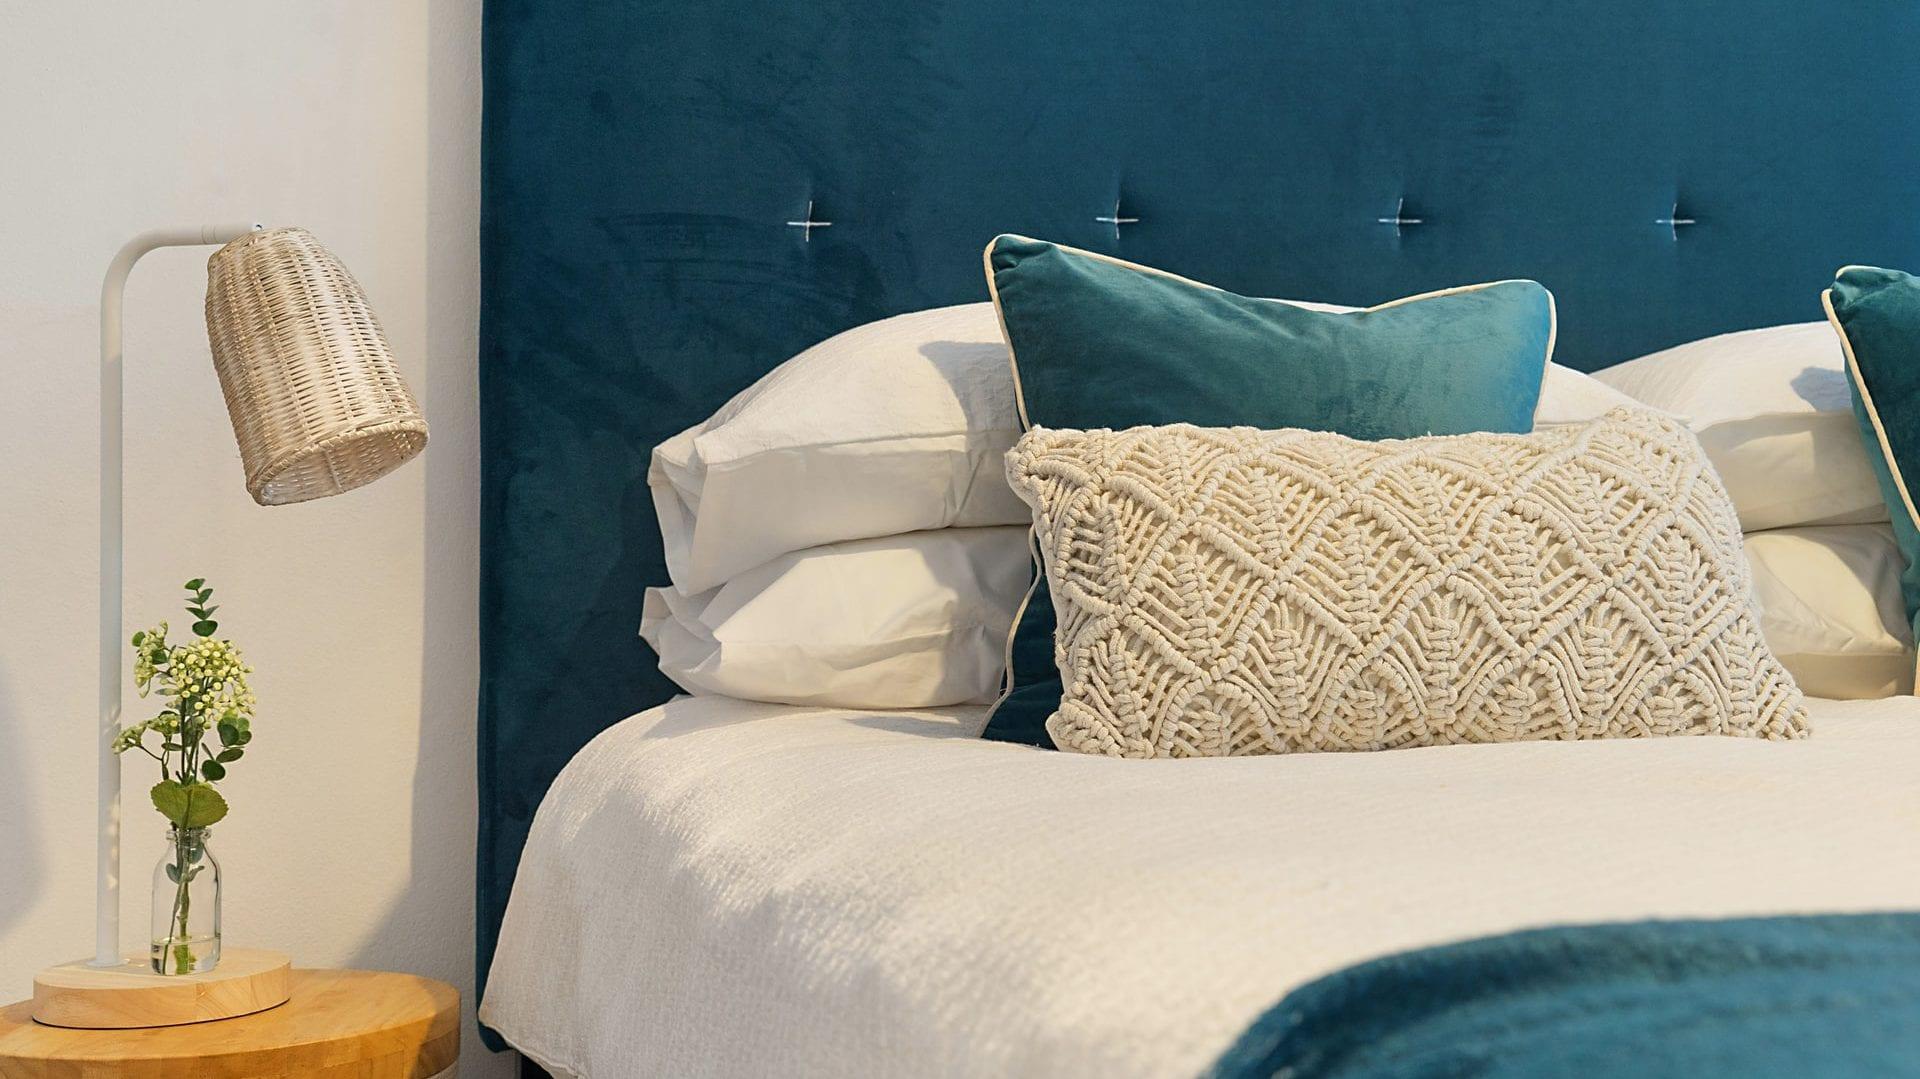 Opgemaakt bed met blauwe accenten